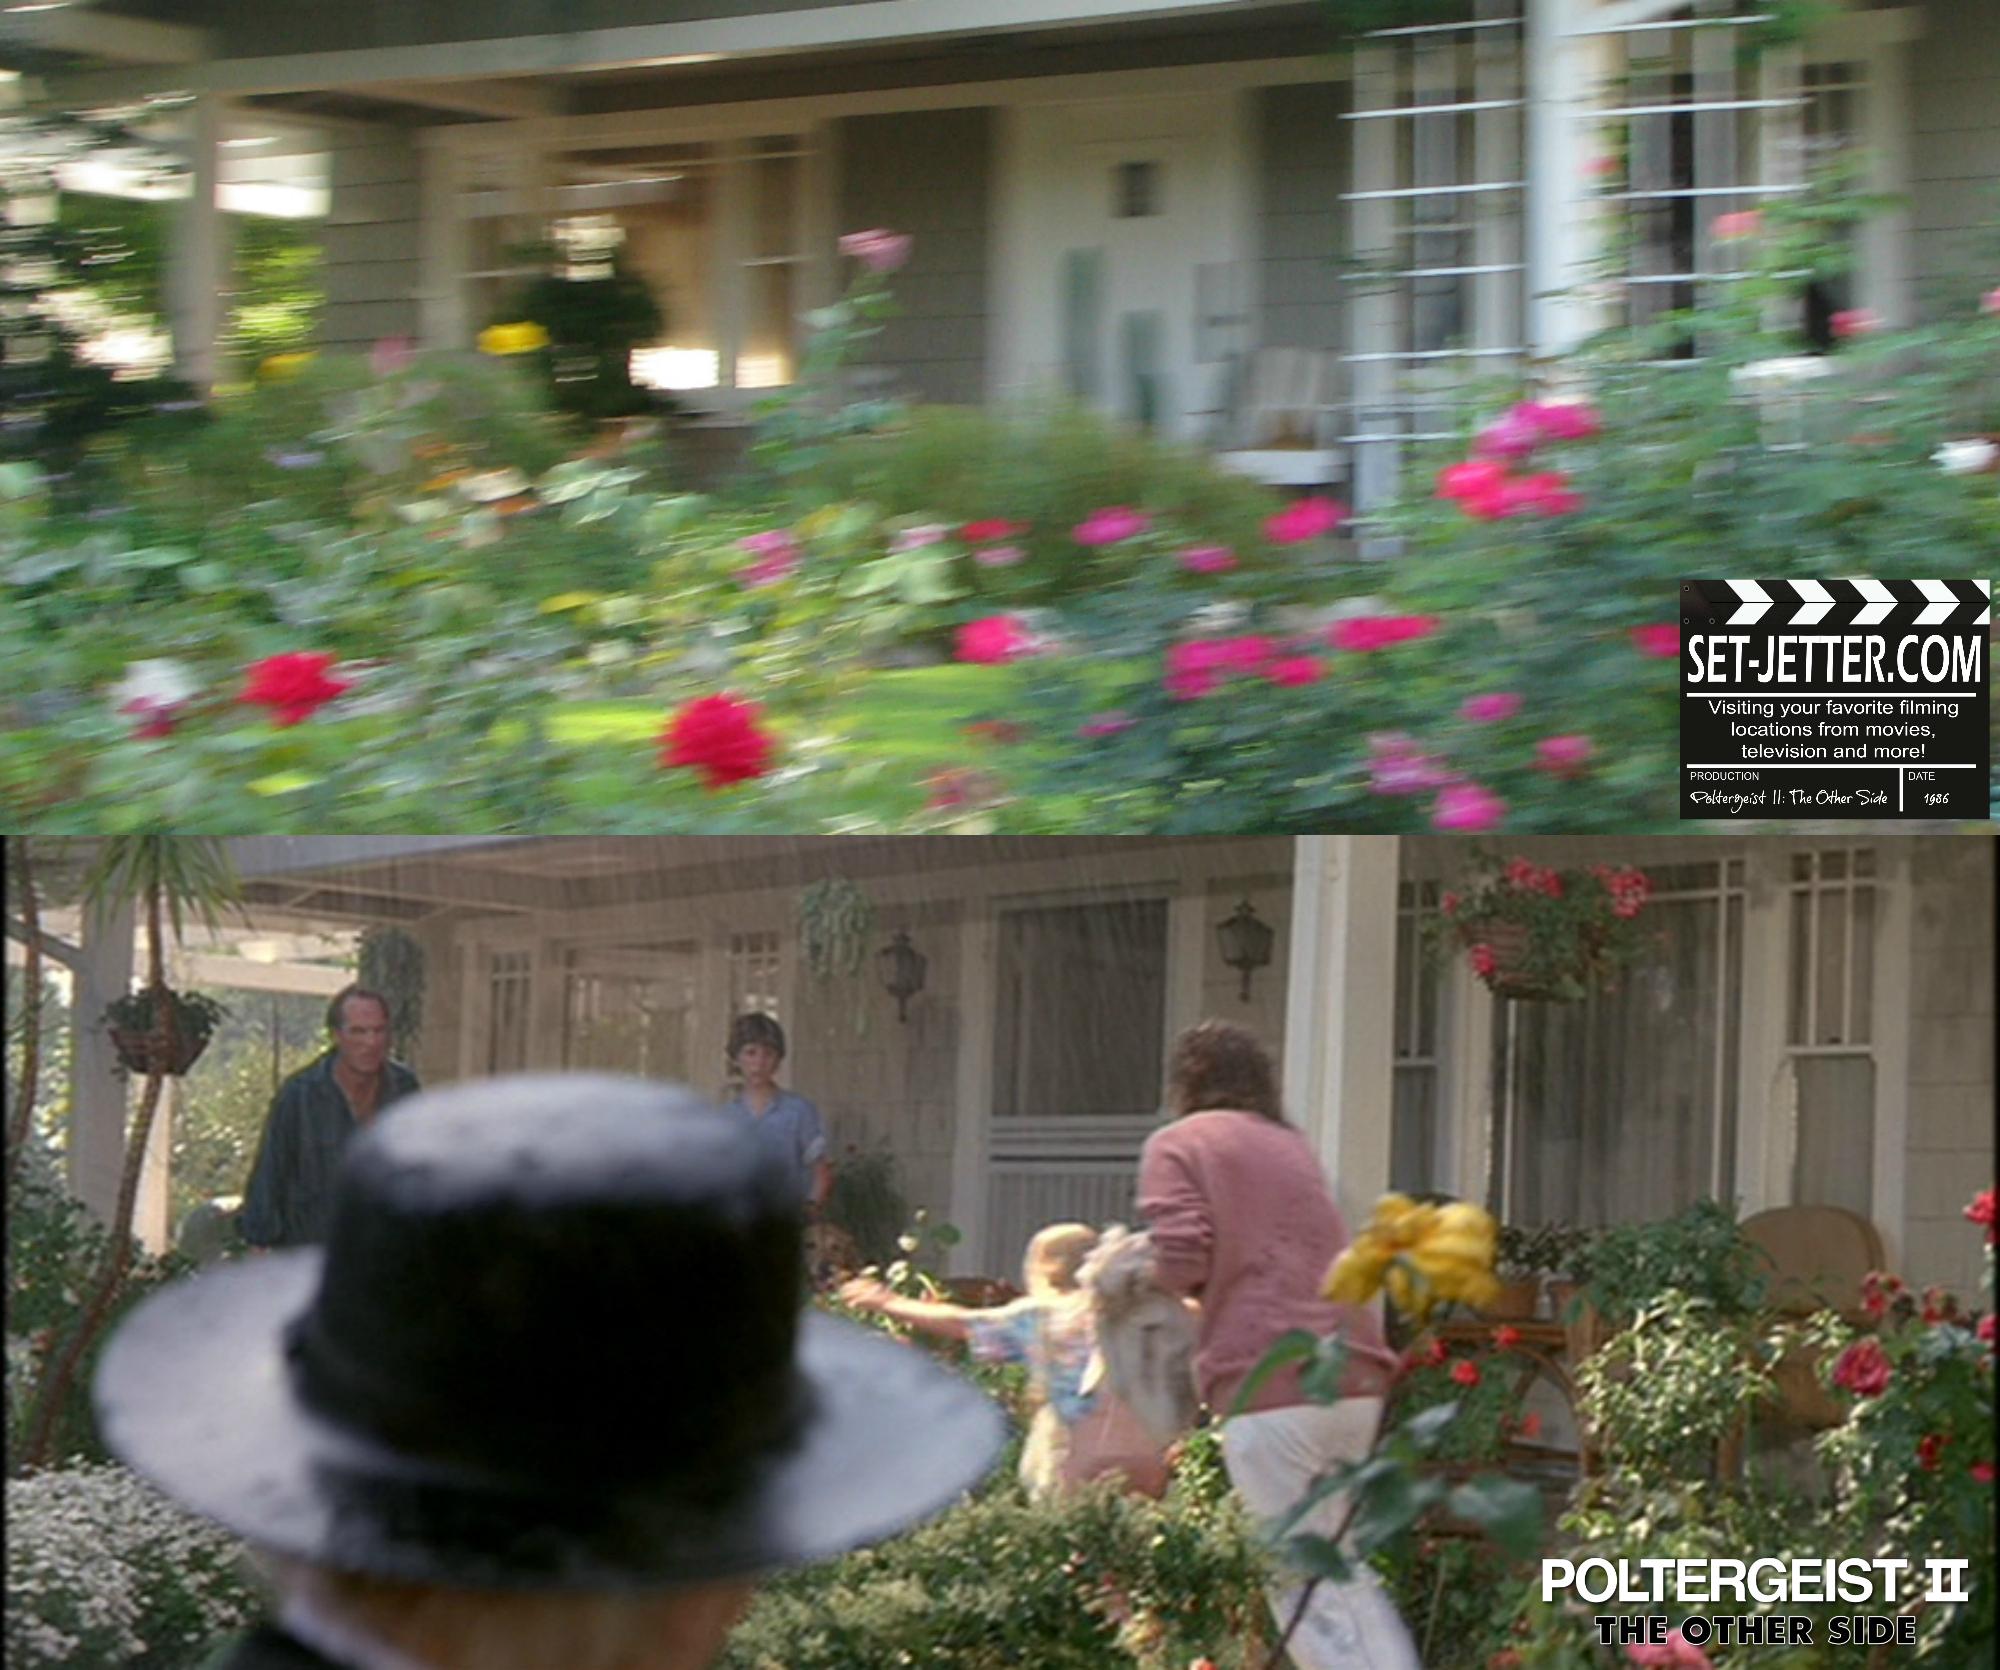 Poltergeist II comparison 40.jpg